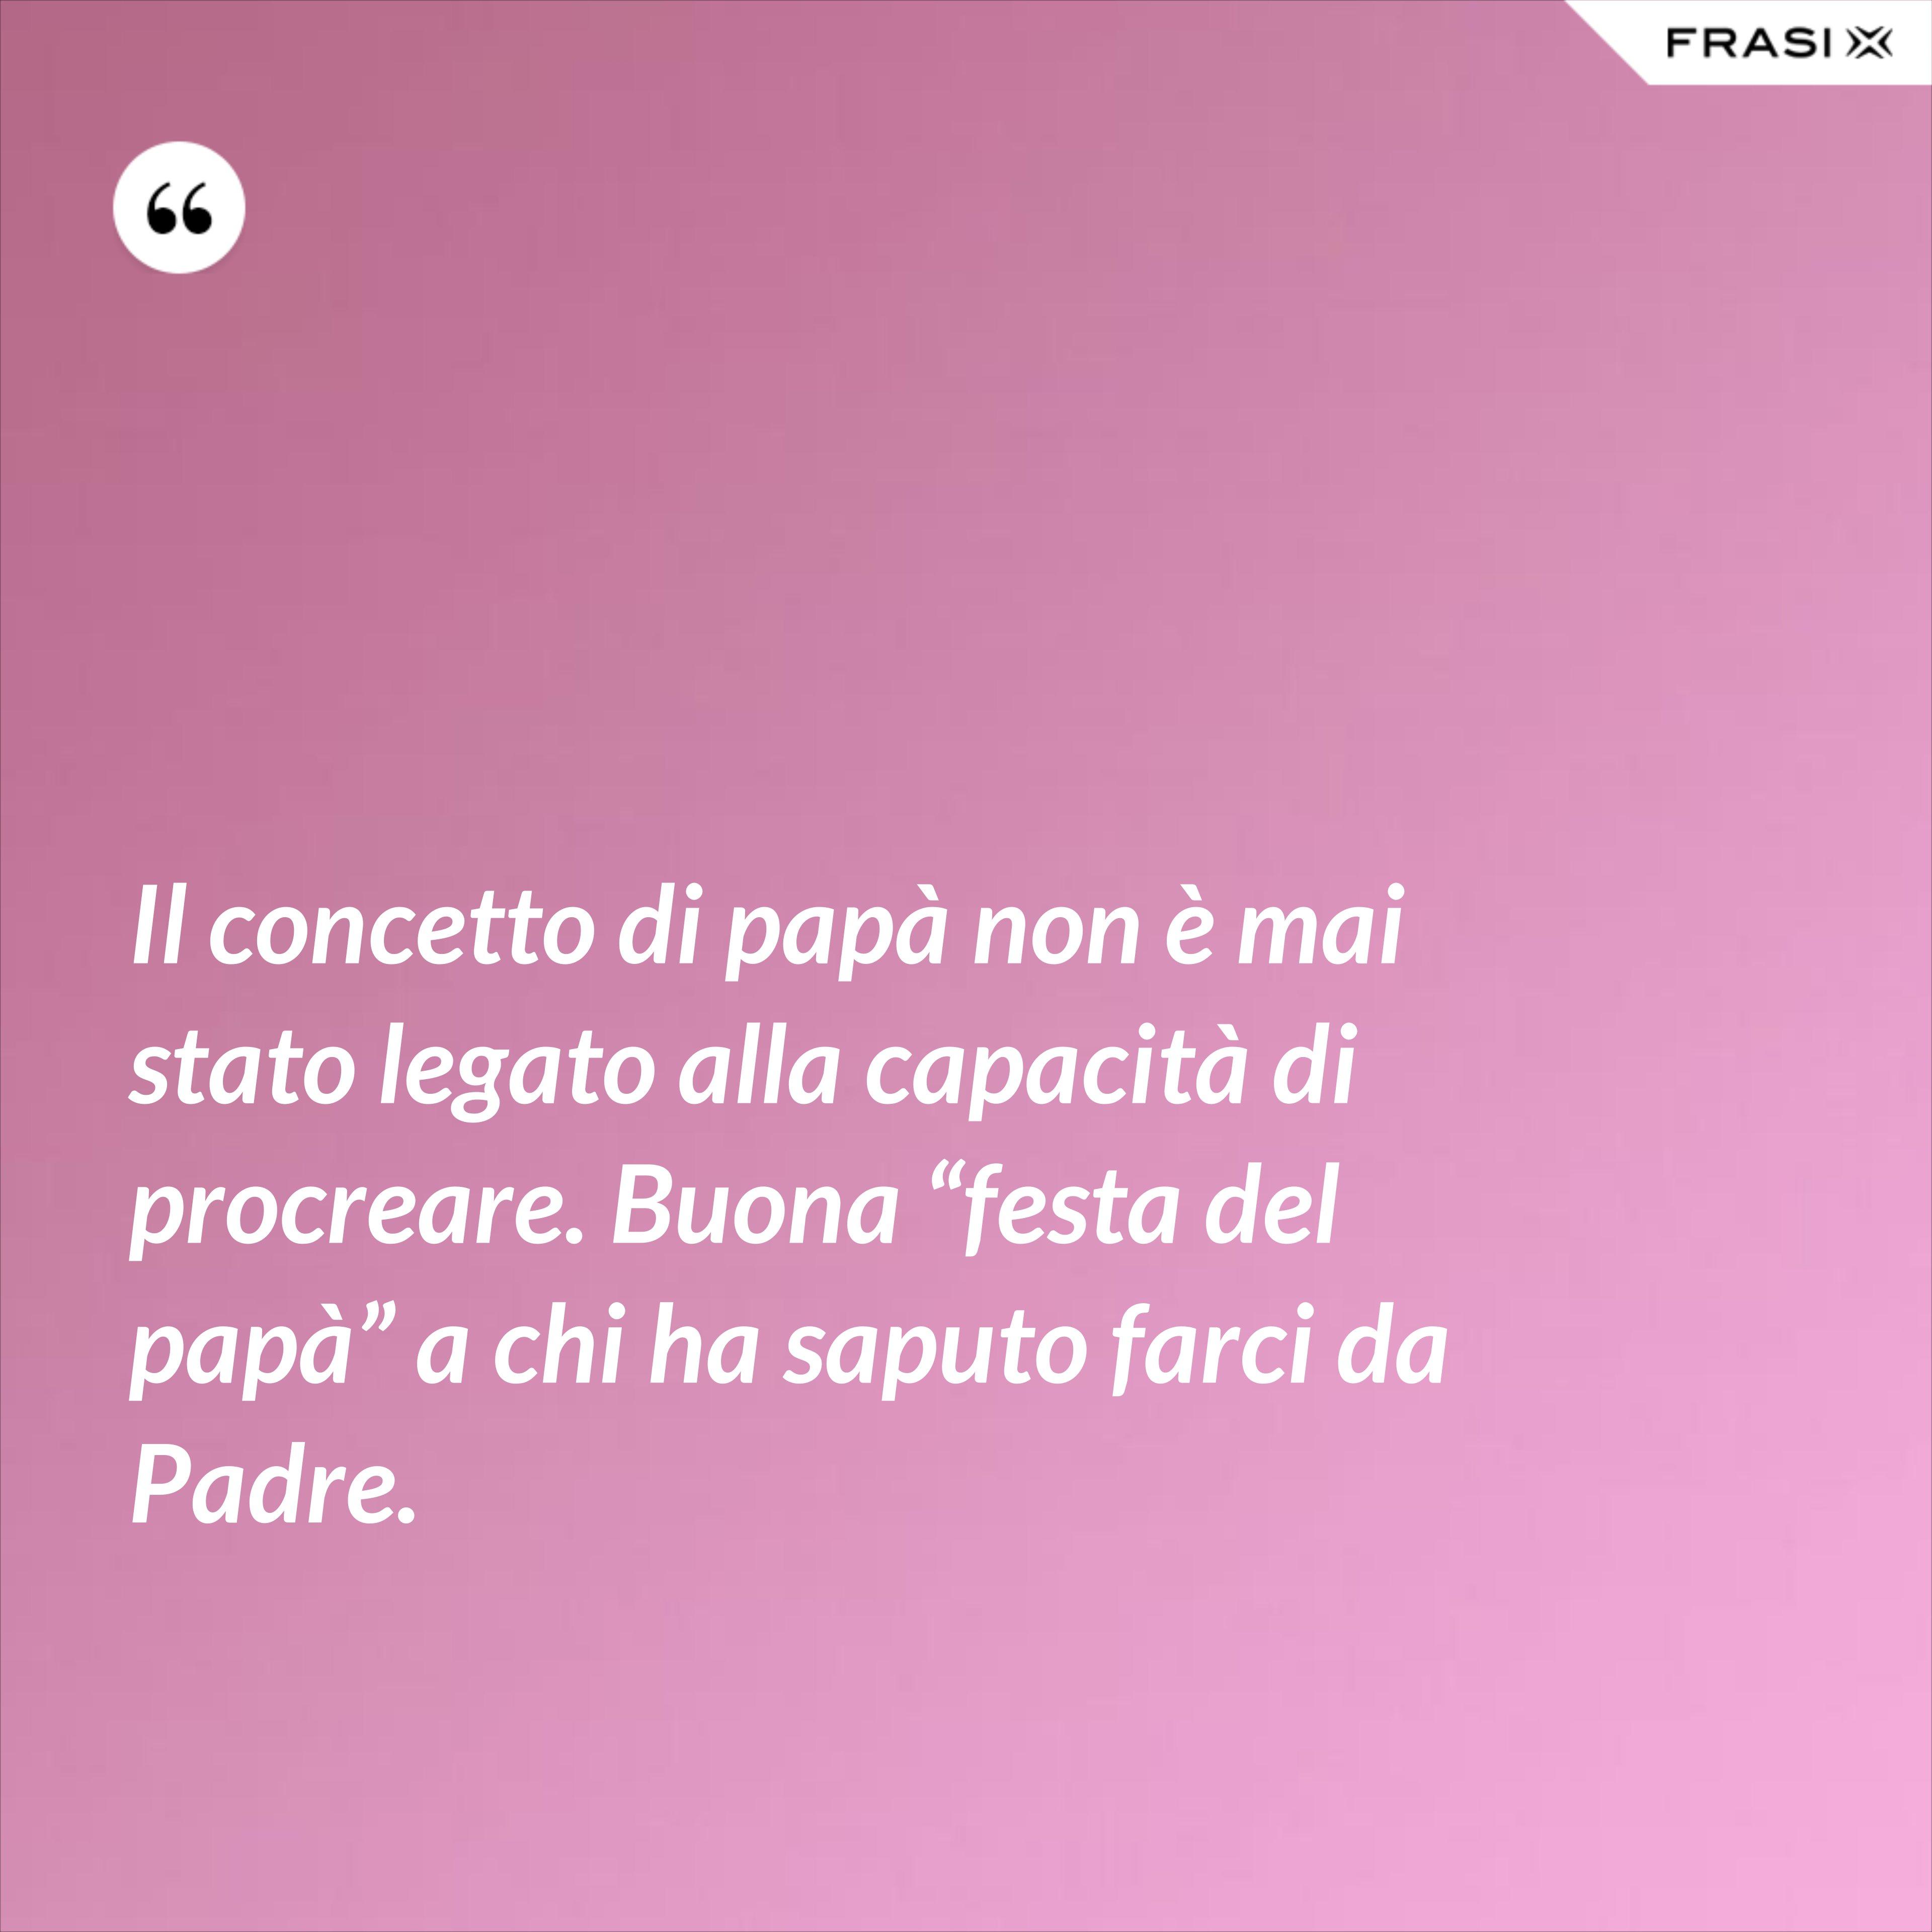 """Il concetto di papà non è mai stato legato alla capacità di procreare. Buona """"festa del papà"""" a chi ha saputo farci da Padre. - Anonimo"""